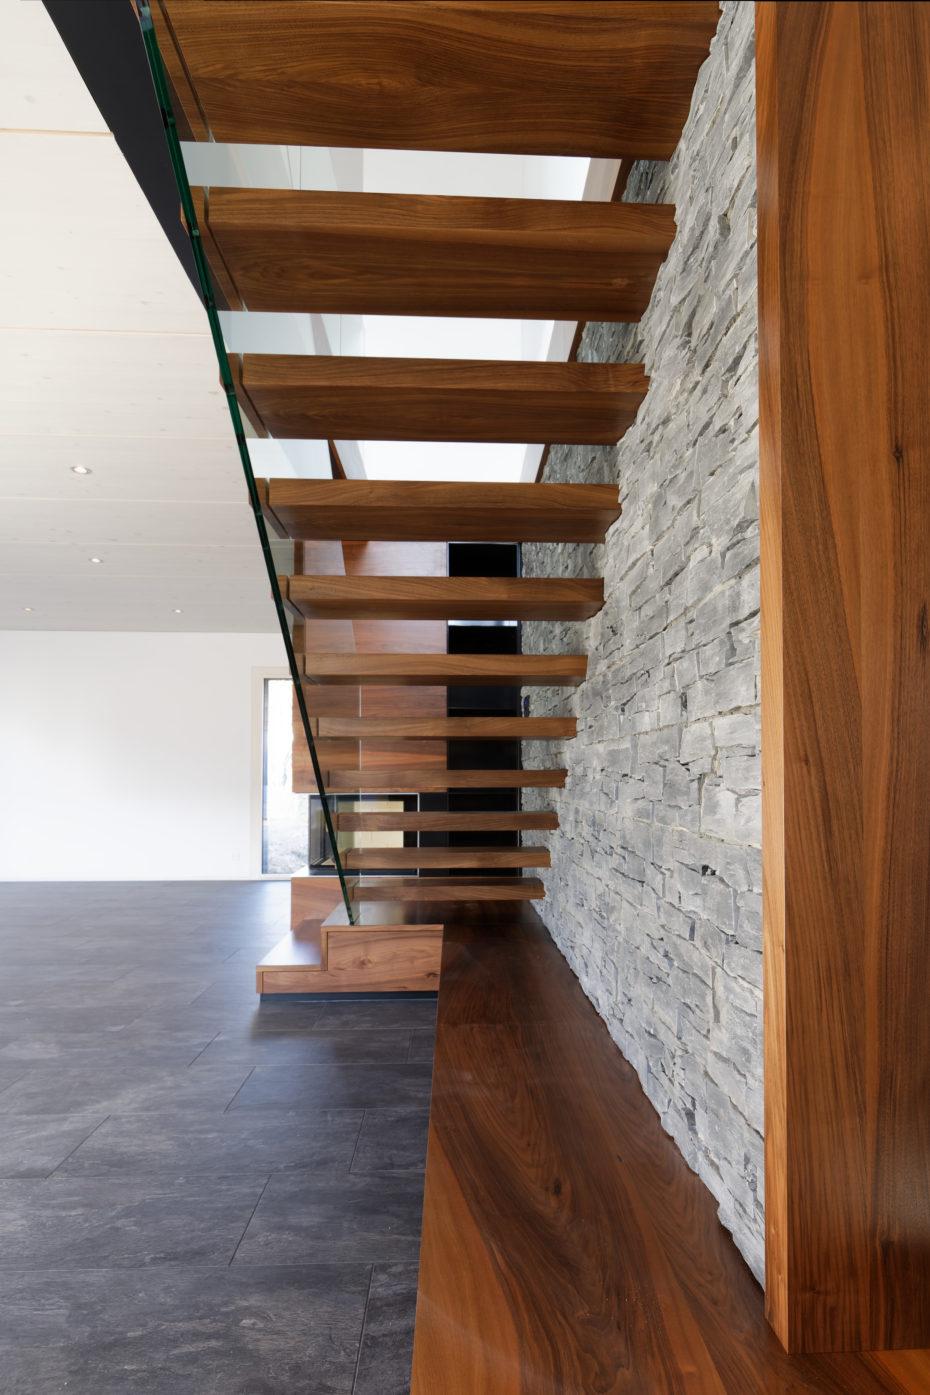 Escalier avec espaces jour bois